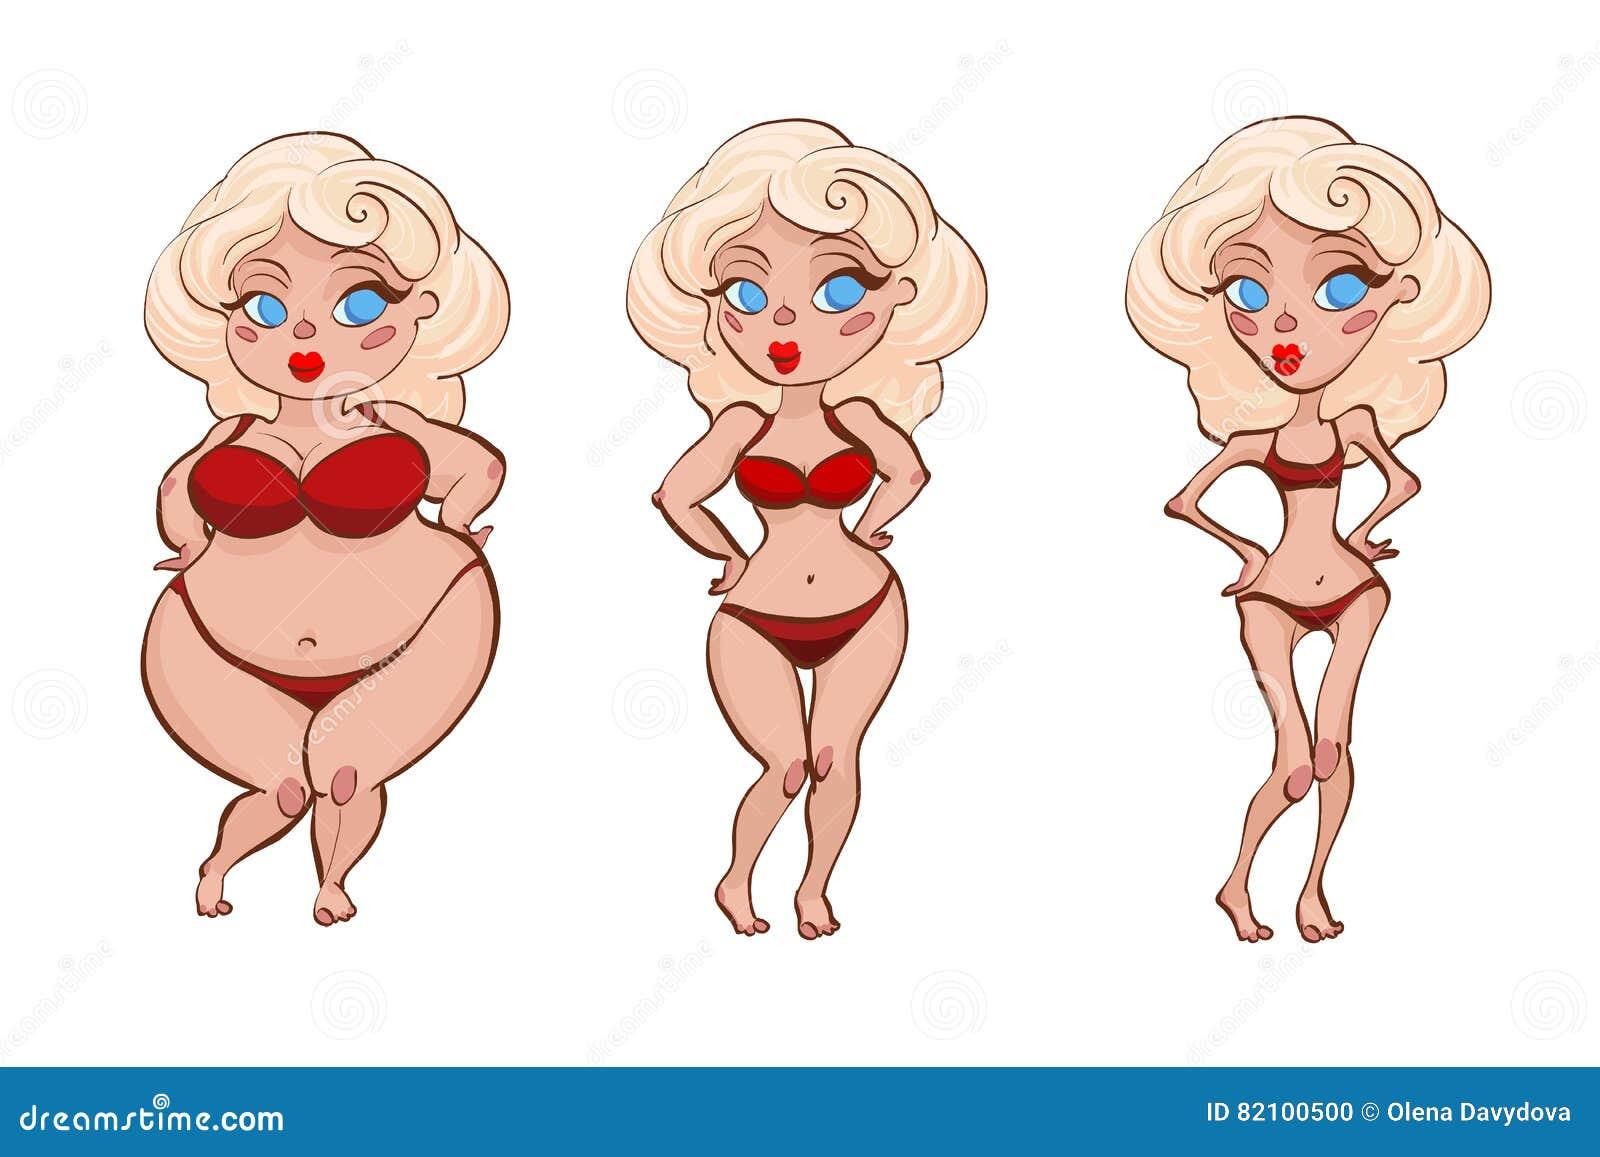 Images de dessin animé de personnes ayant des relations sexuelles